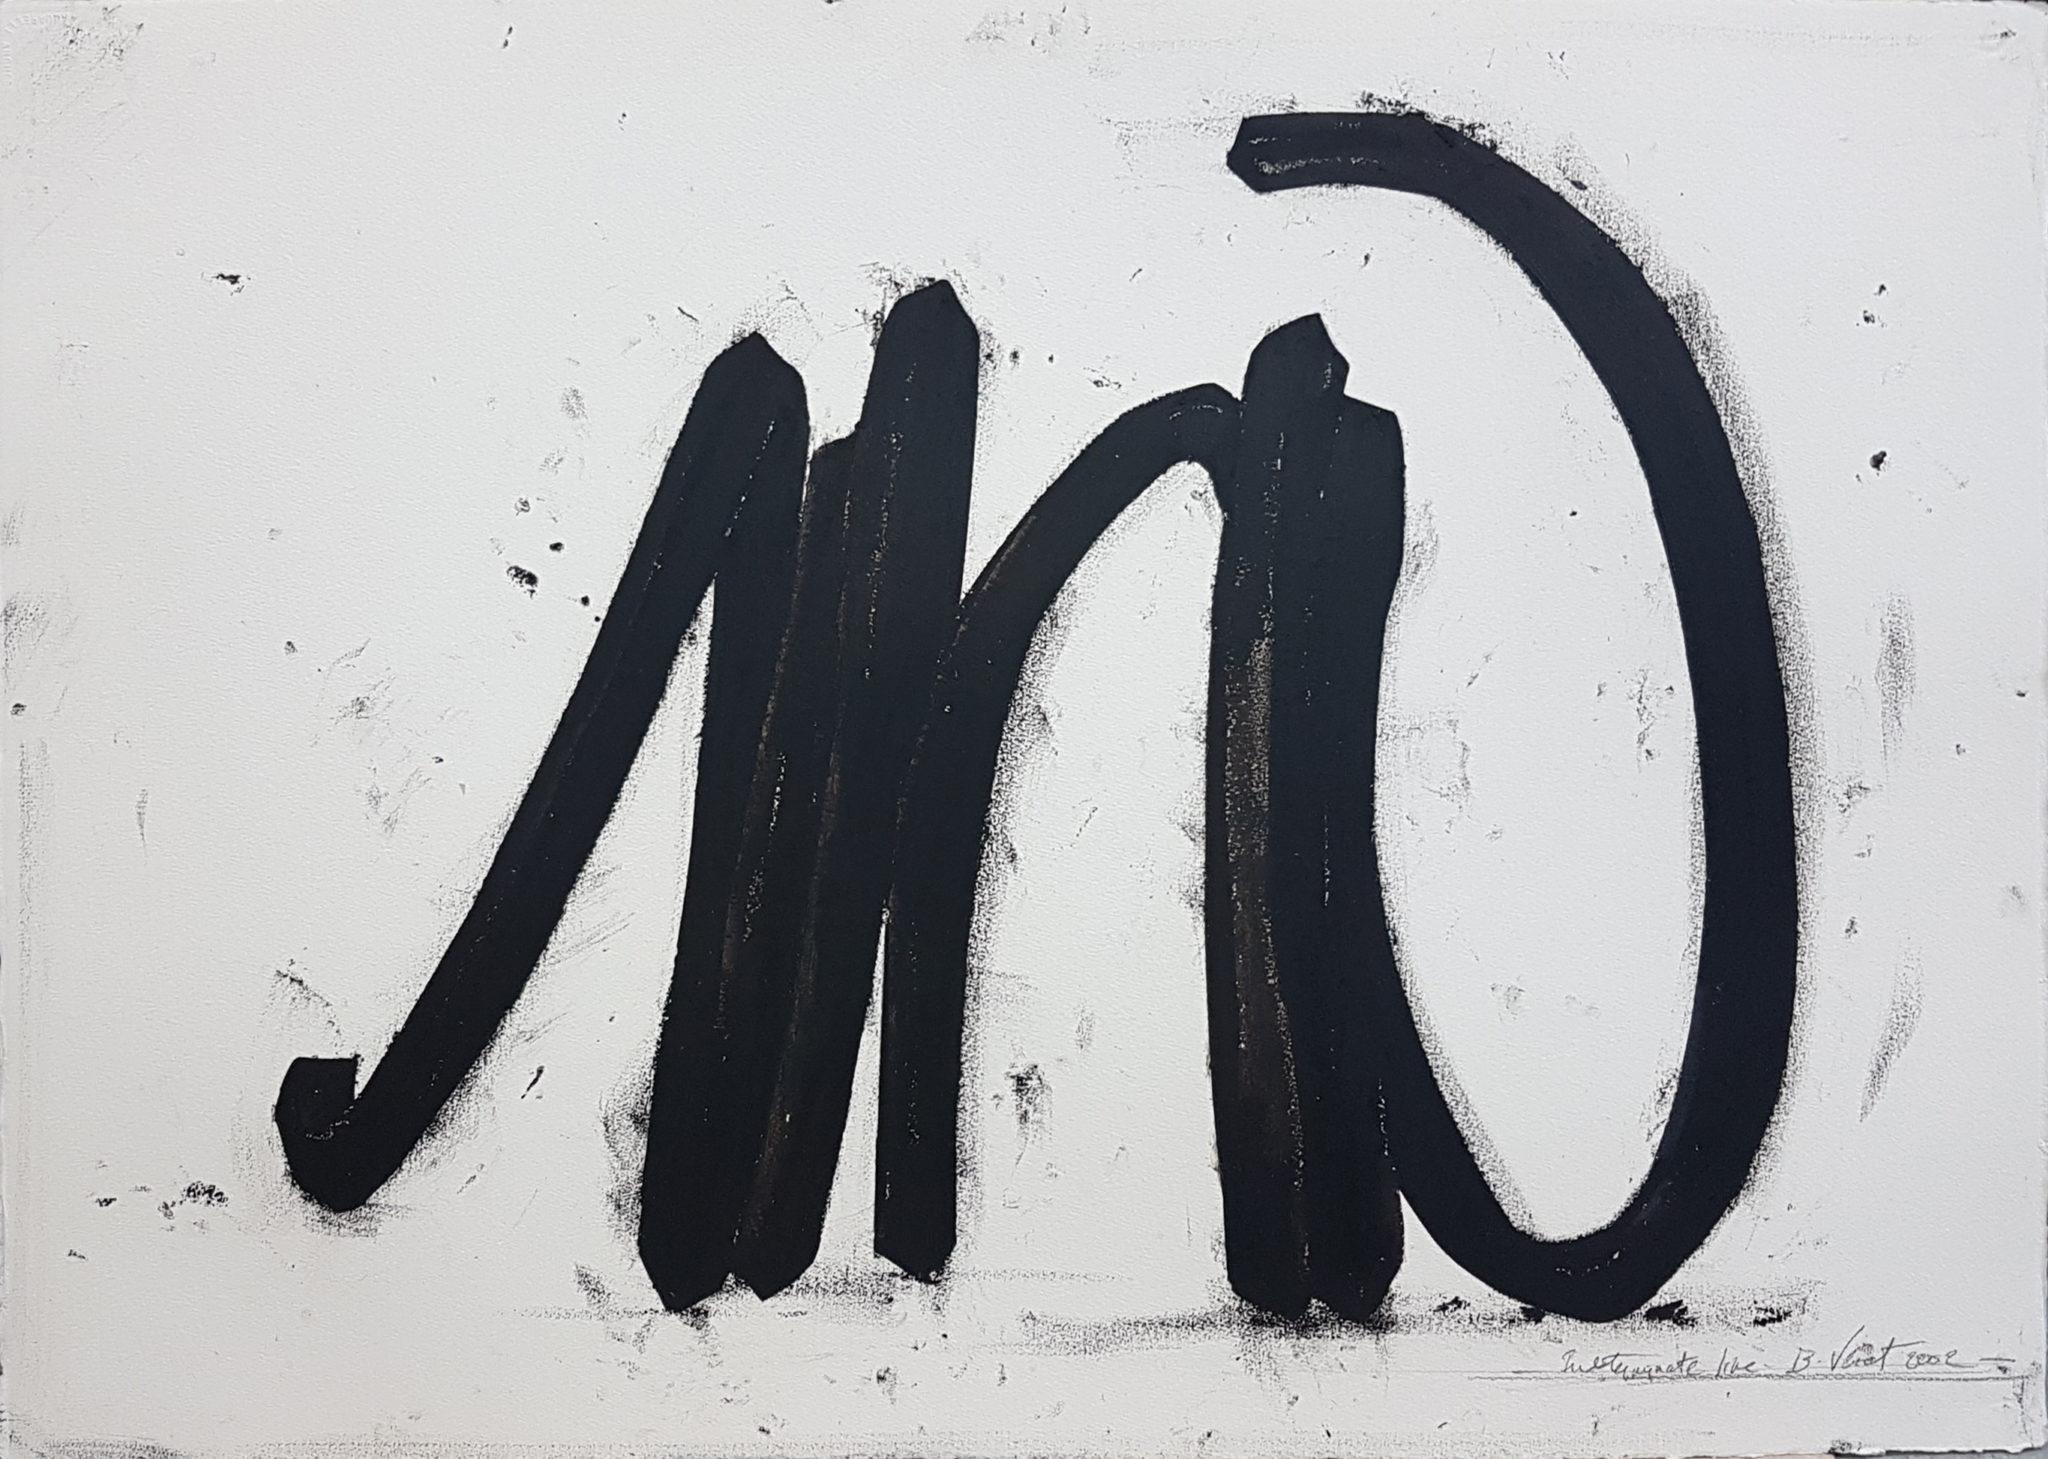 AB  Bernar Venet  «Indeterminate Line», 2002 Huile et fusain sur papier  75 x 105.5  Signé, titré et daté en bas à droite  Provenance: Collection privée Courtesy Galerie AB